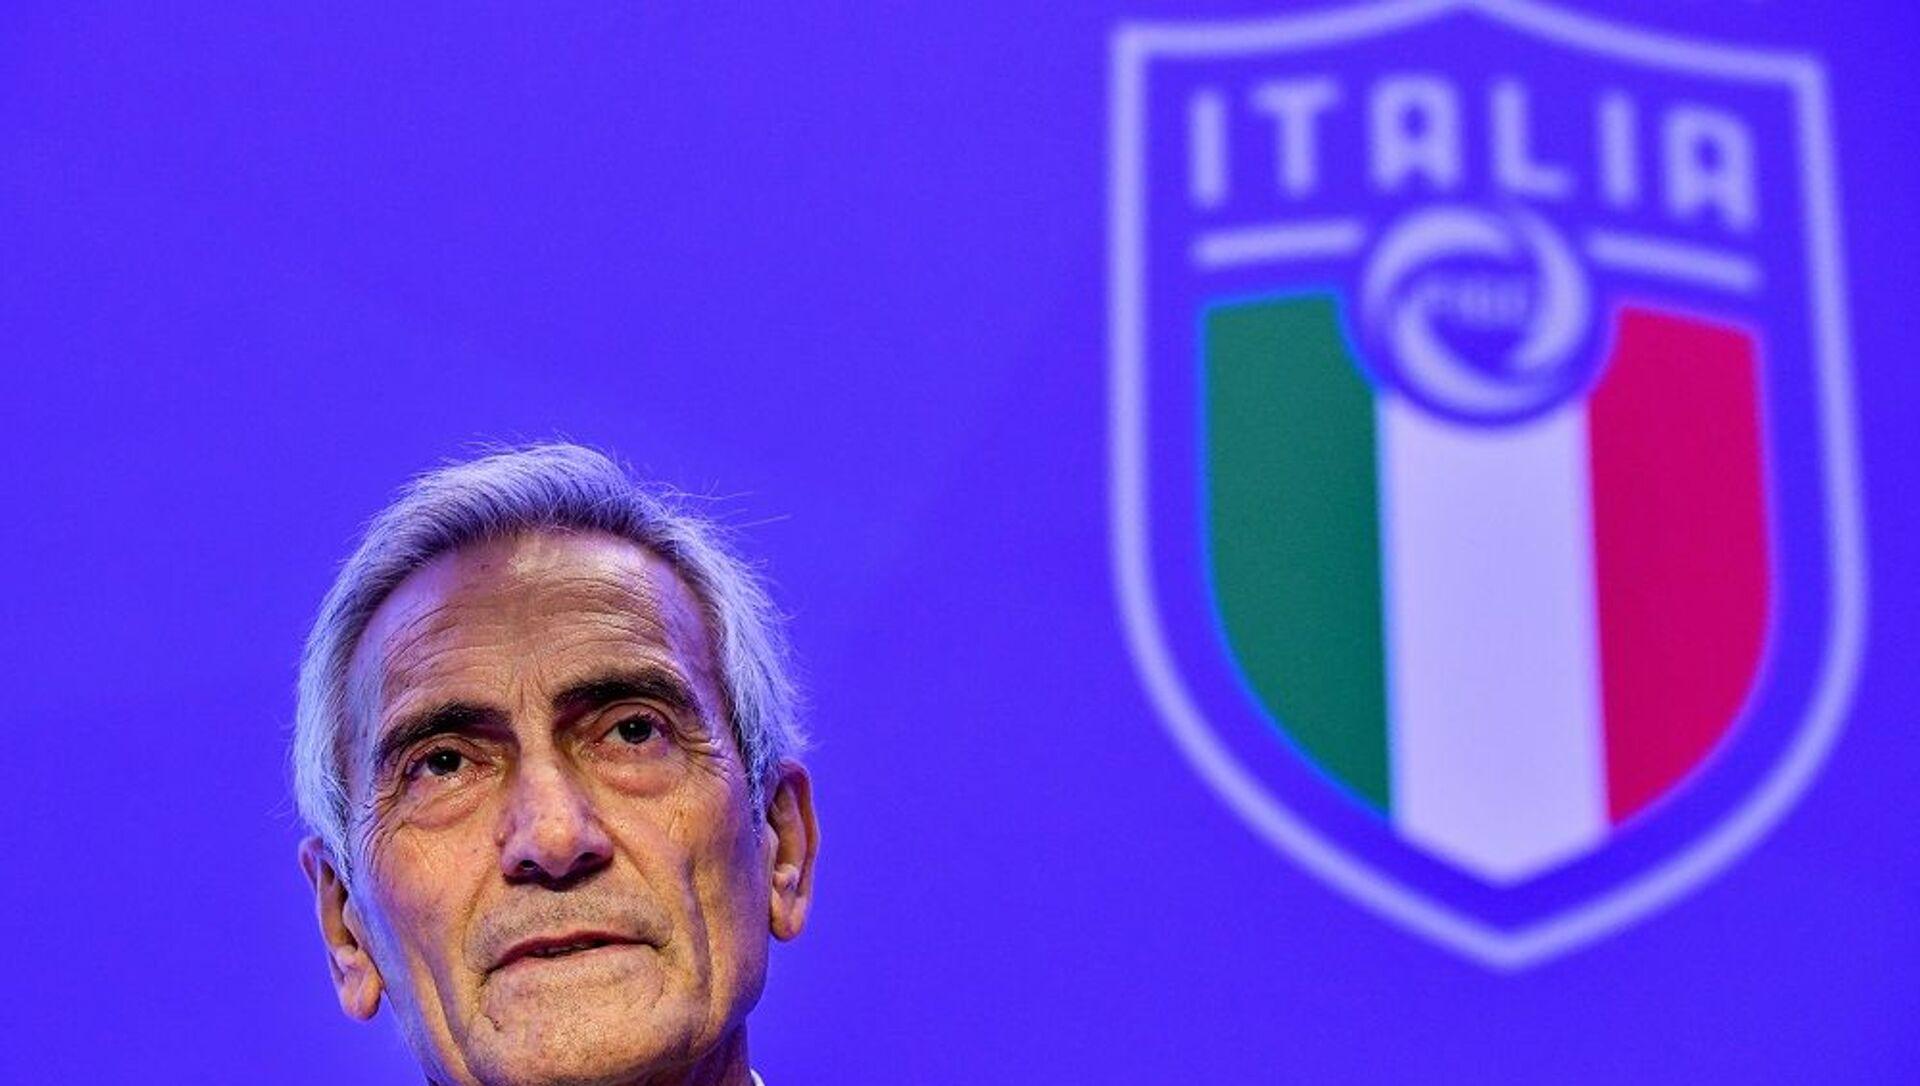 İtalya Futbol Federasyonu (FIGC) Başkanı Gabriele Gravina - Sputnik Türkiye, 1920, 21.04.2021